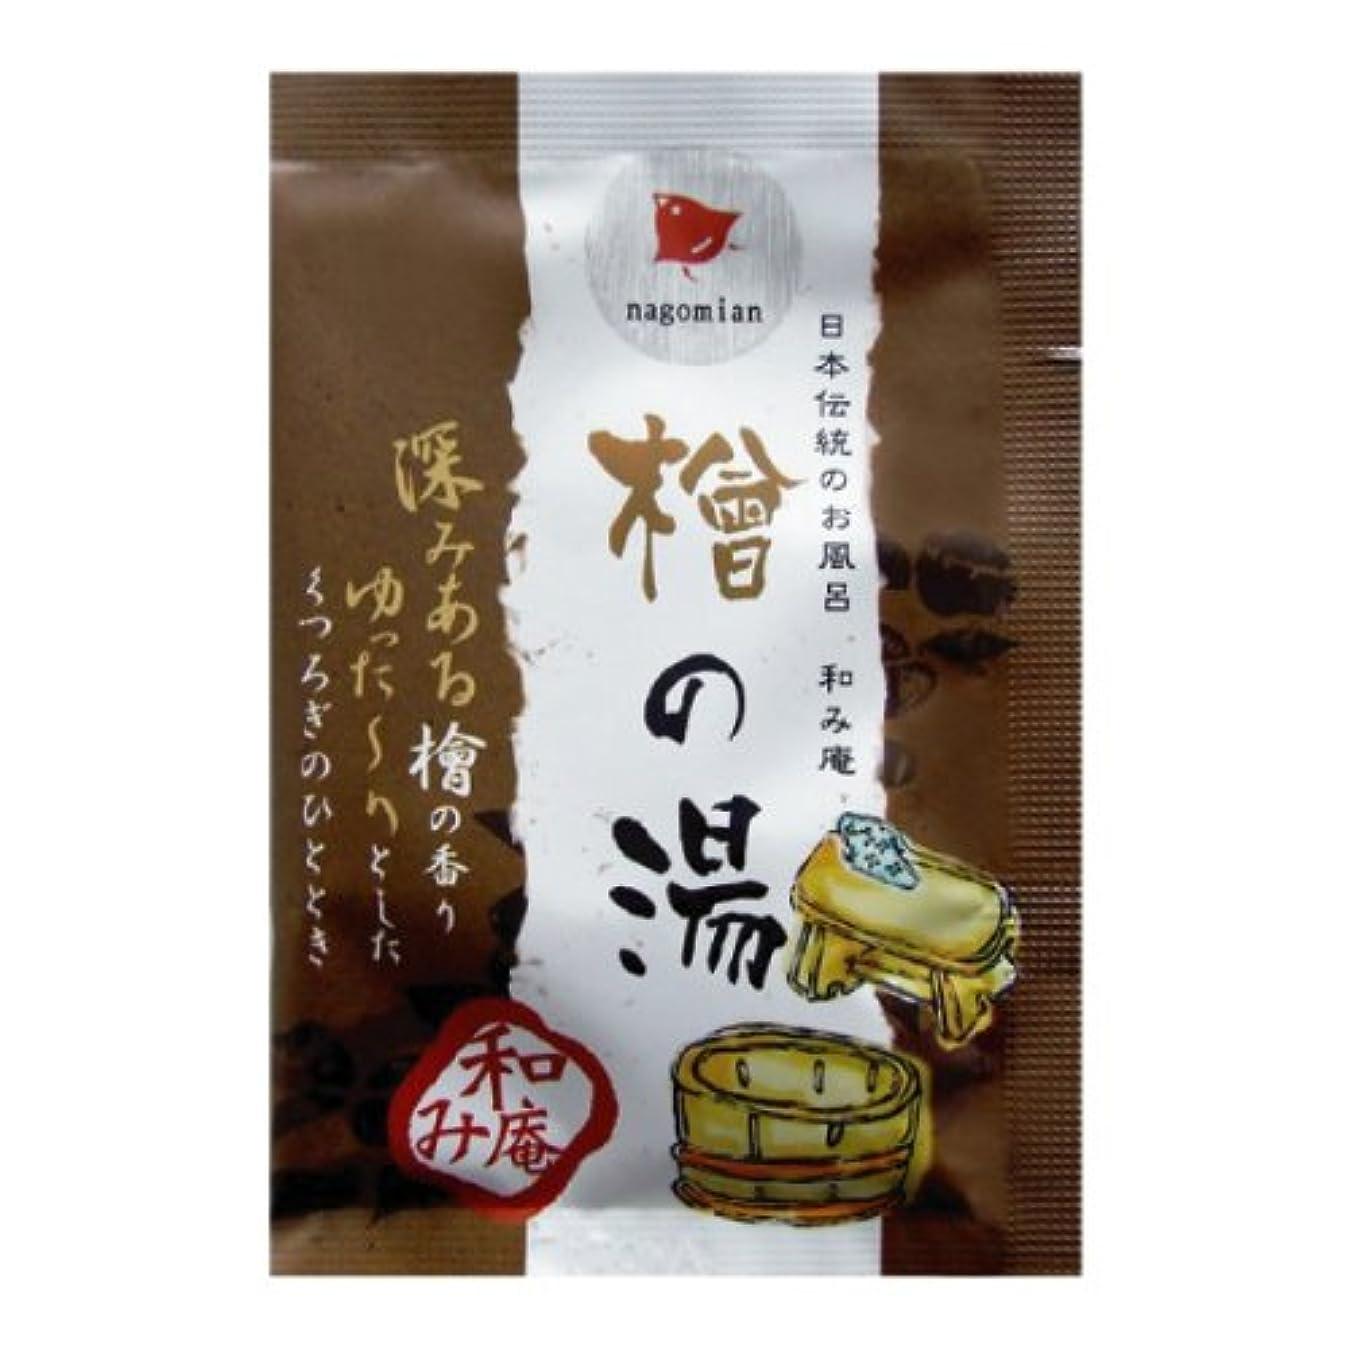 コミットメント高価な散歩に行く日本伝統のお風呂 和み庵 檜の湯 200包